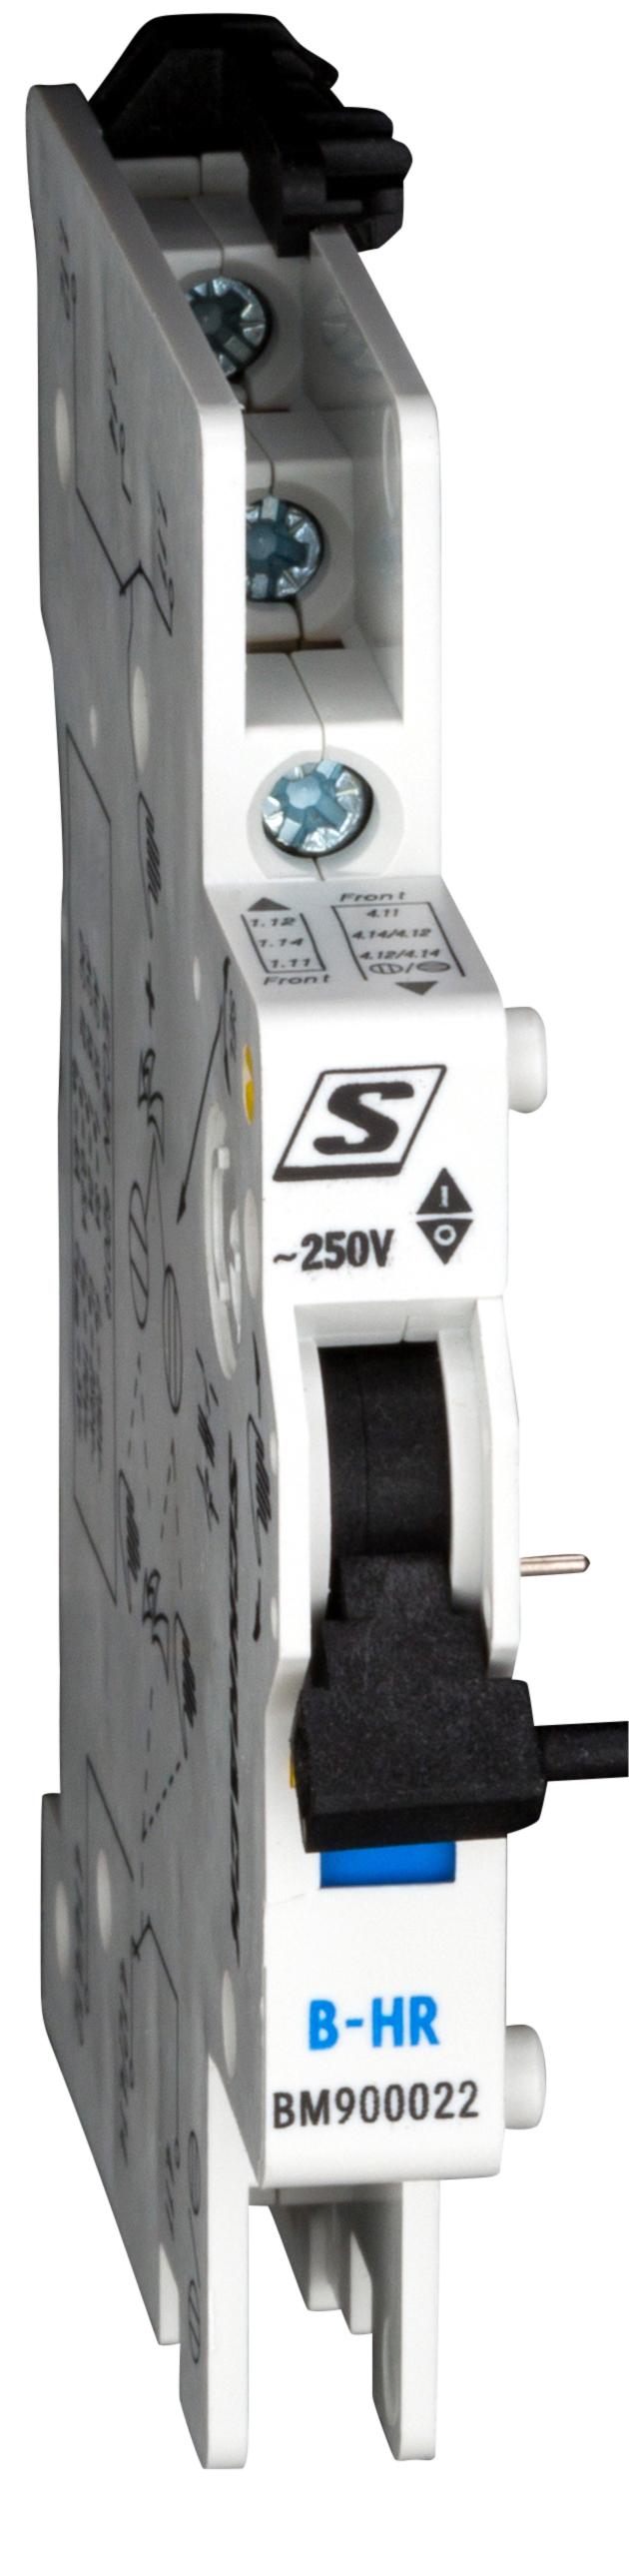 1 Stk Meldehilfskontakt 2 WE, 250VAC/4A, umschaltbar, schnappbar BM900022--